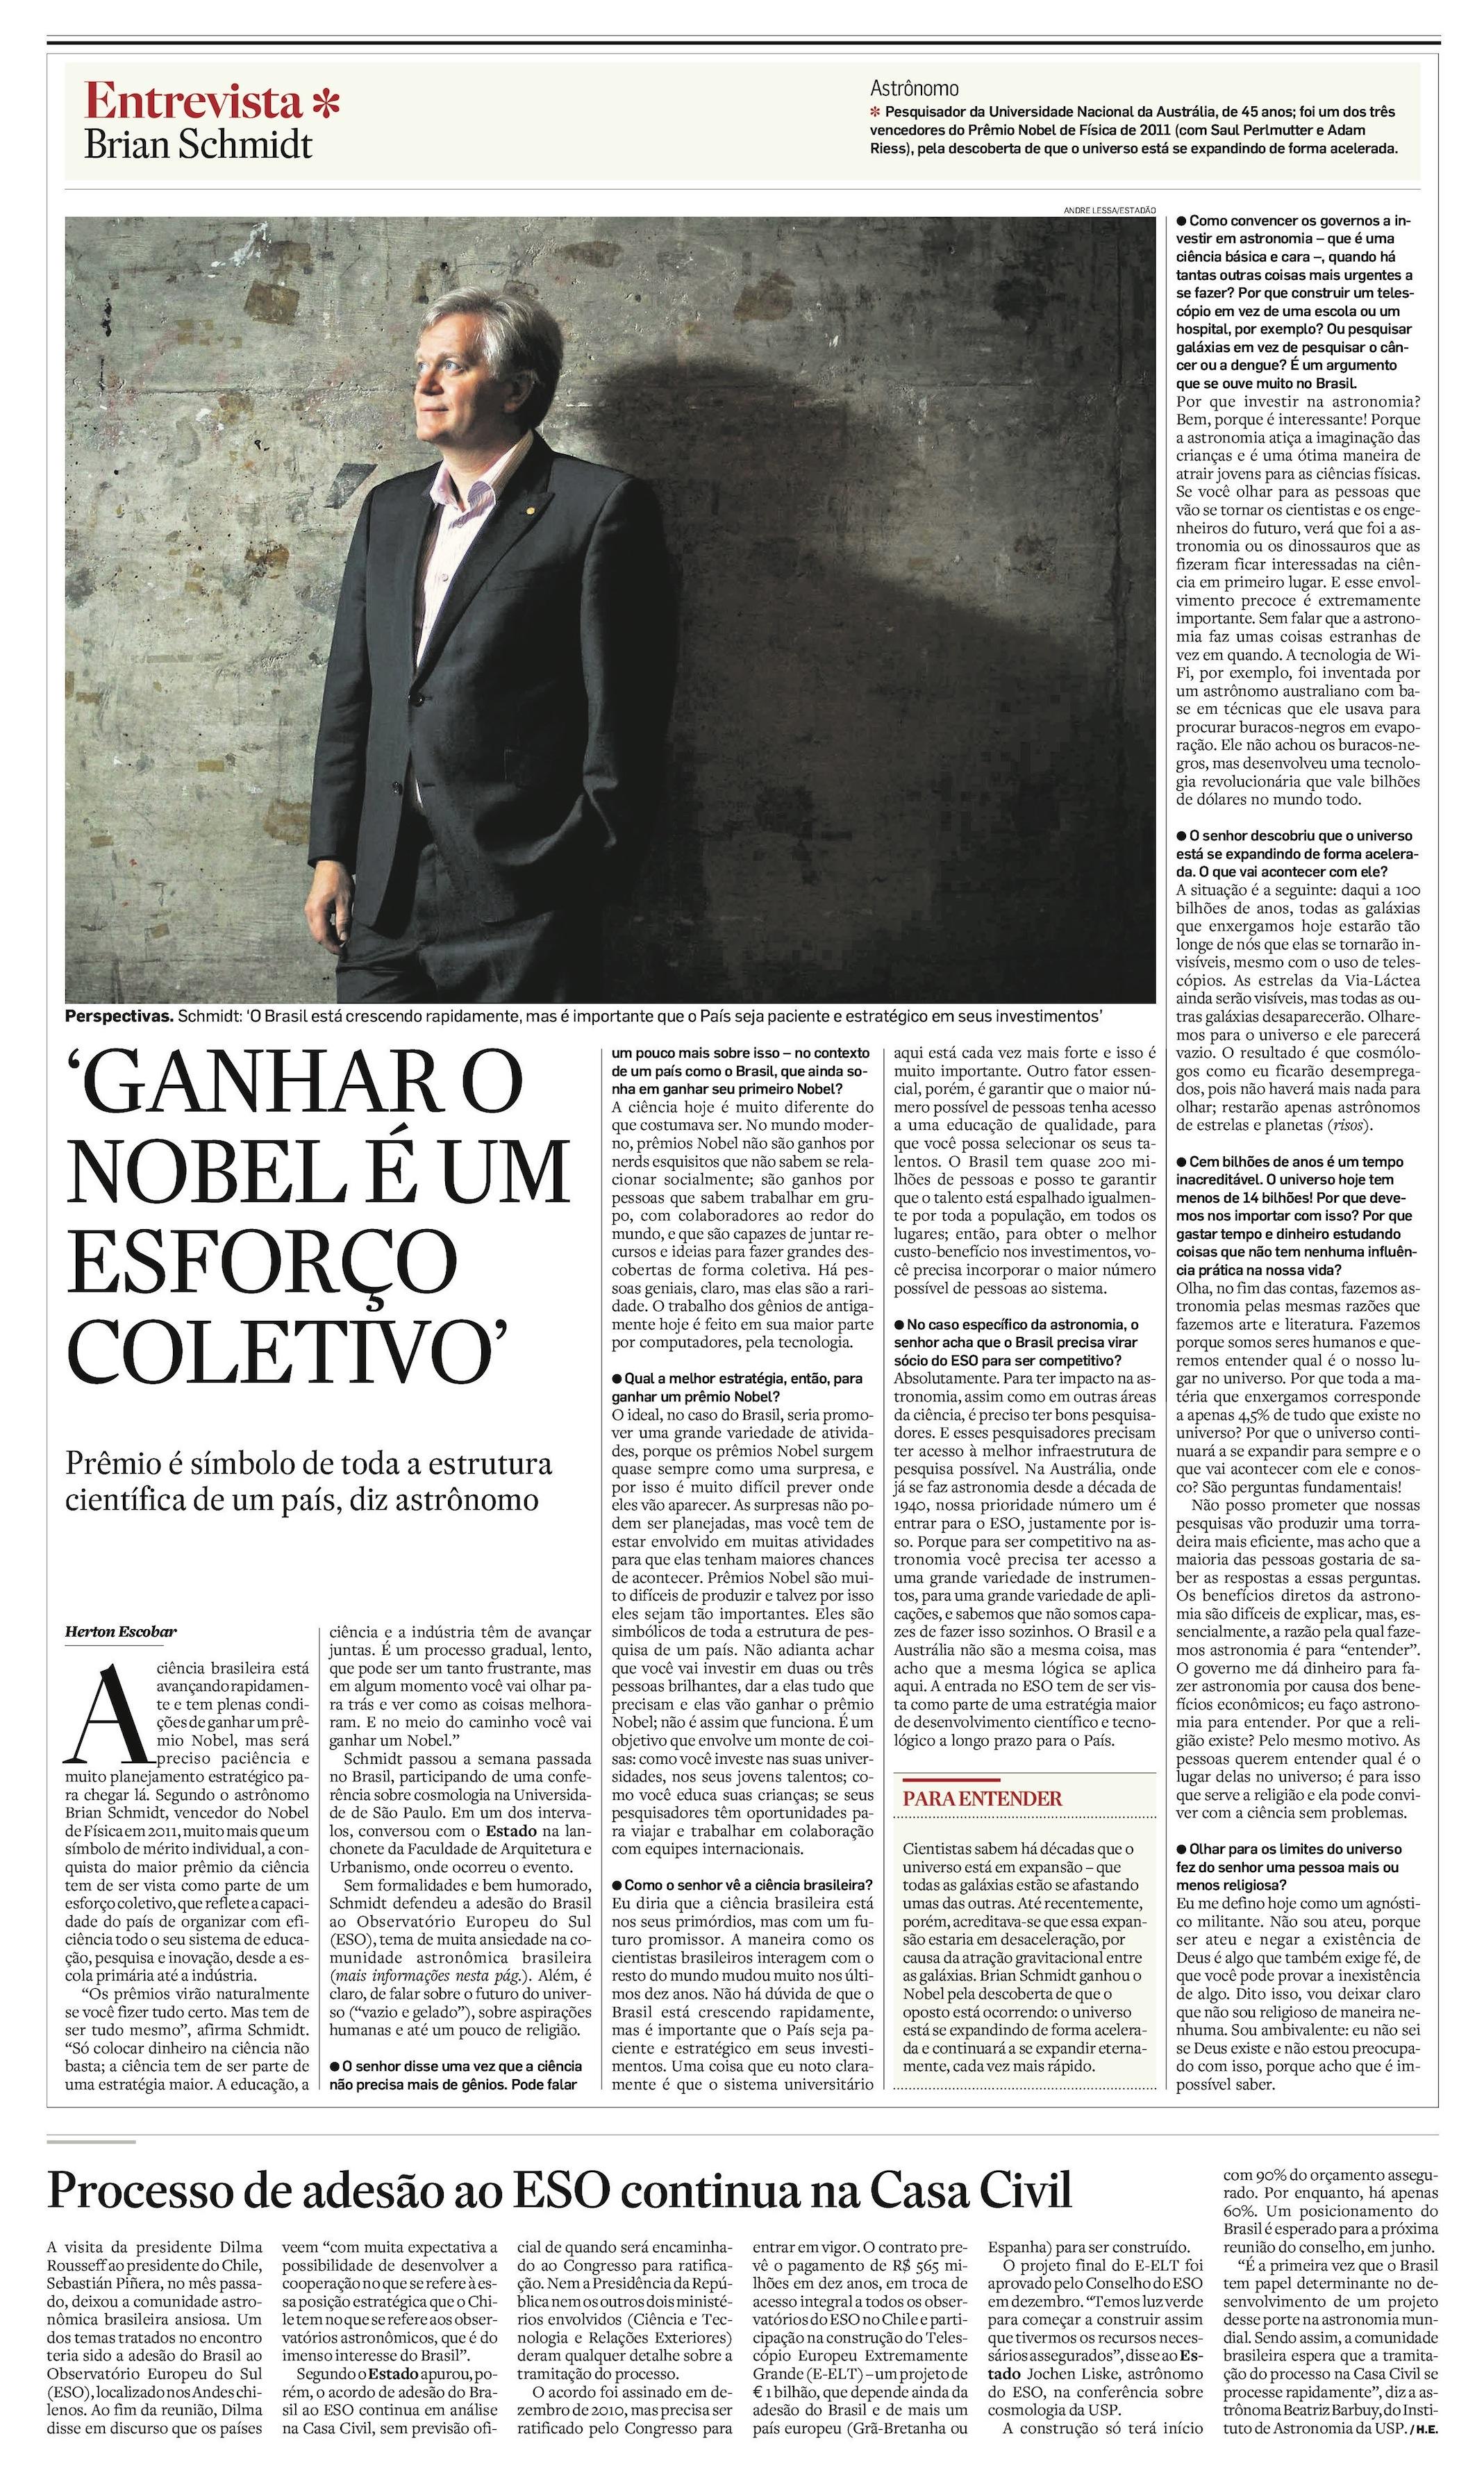 Receita para o Brasil ganhar um Nobel: Paciência e Planejamento Estratégico